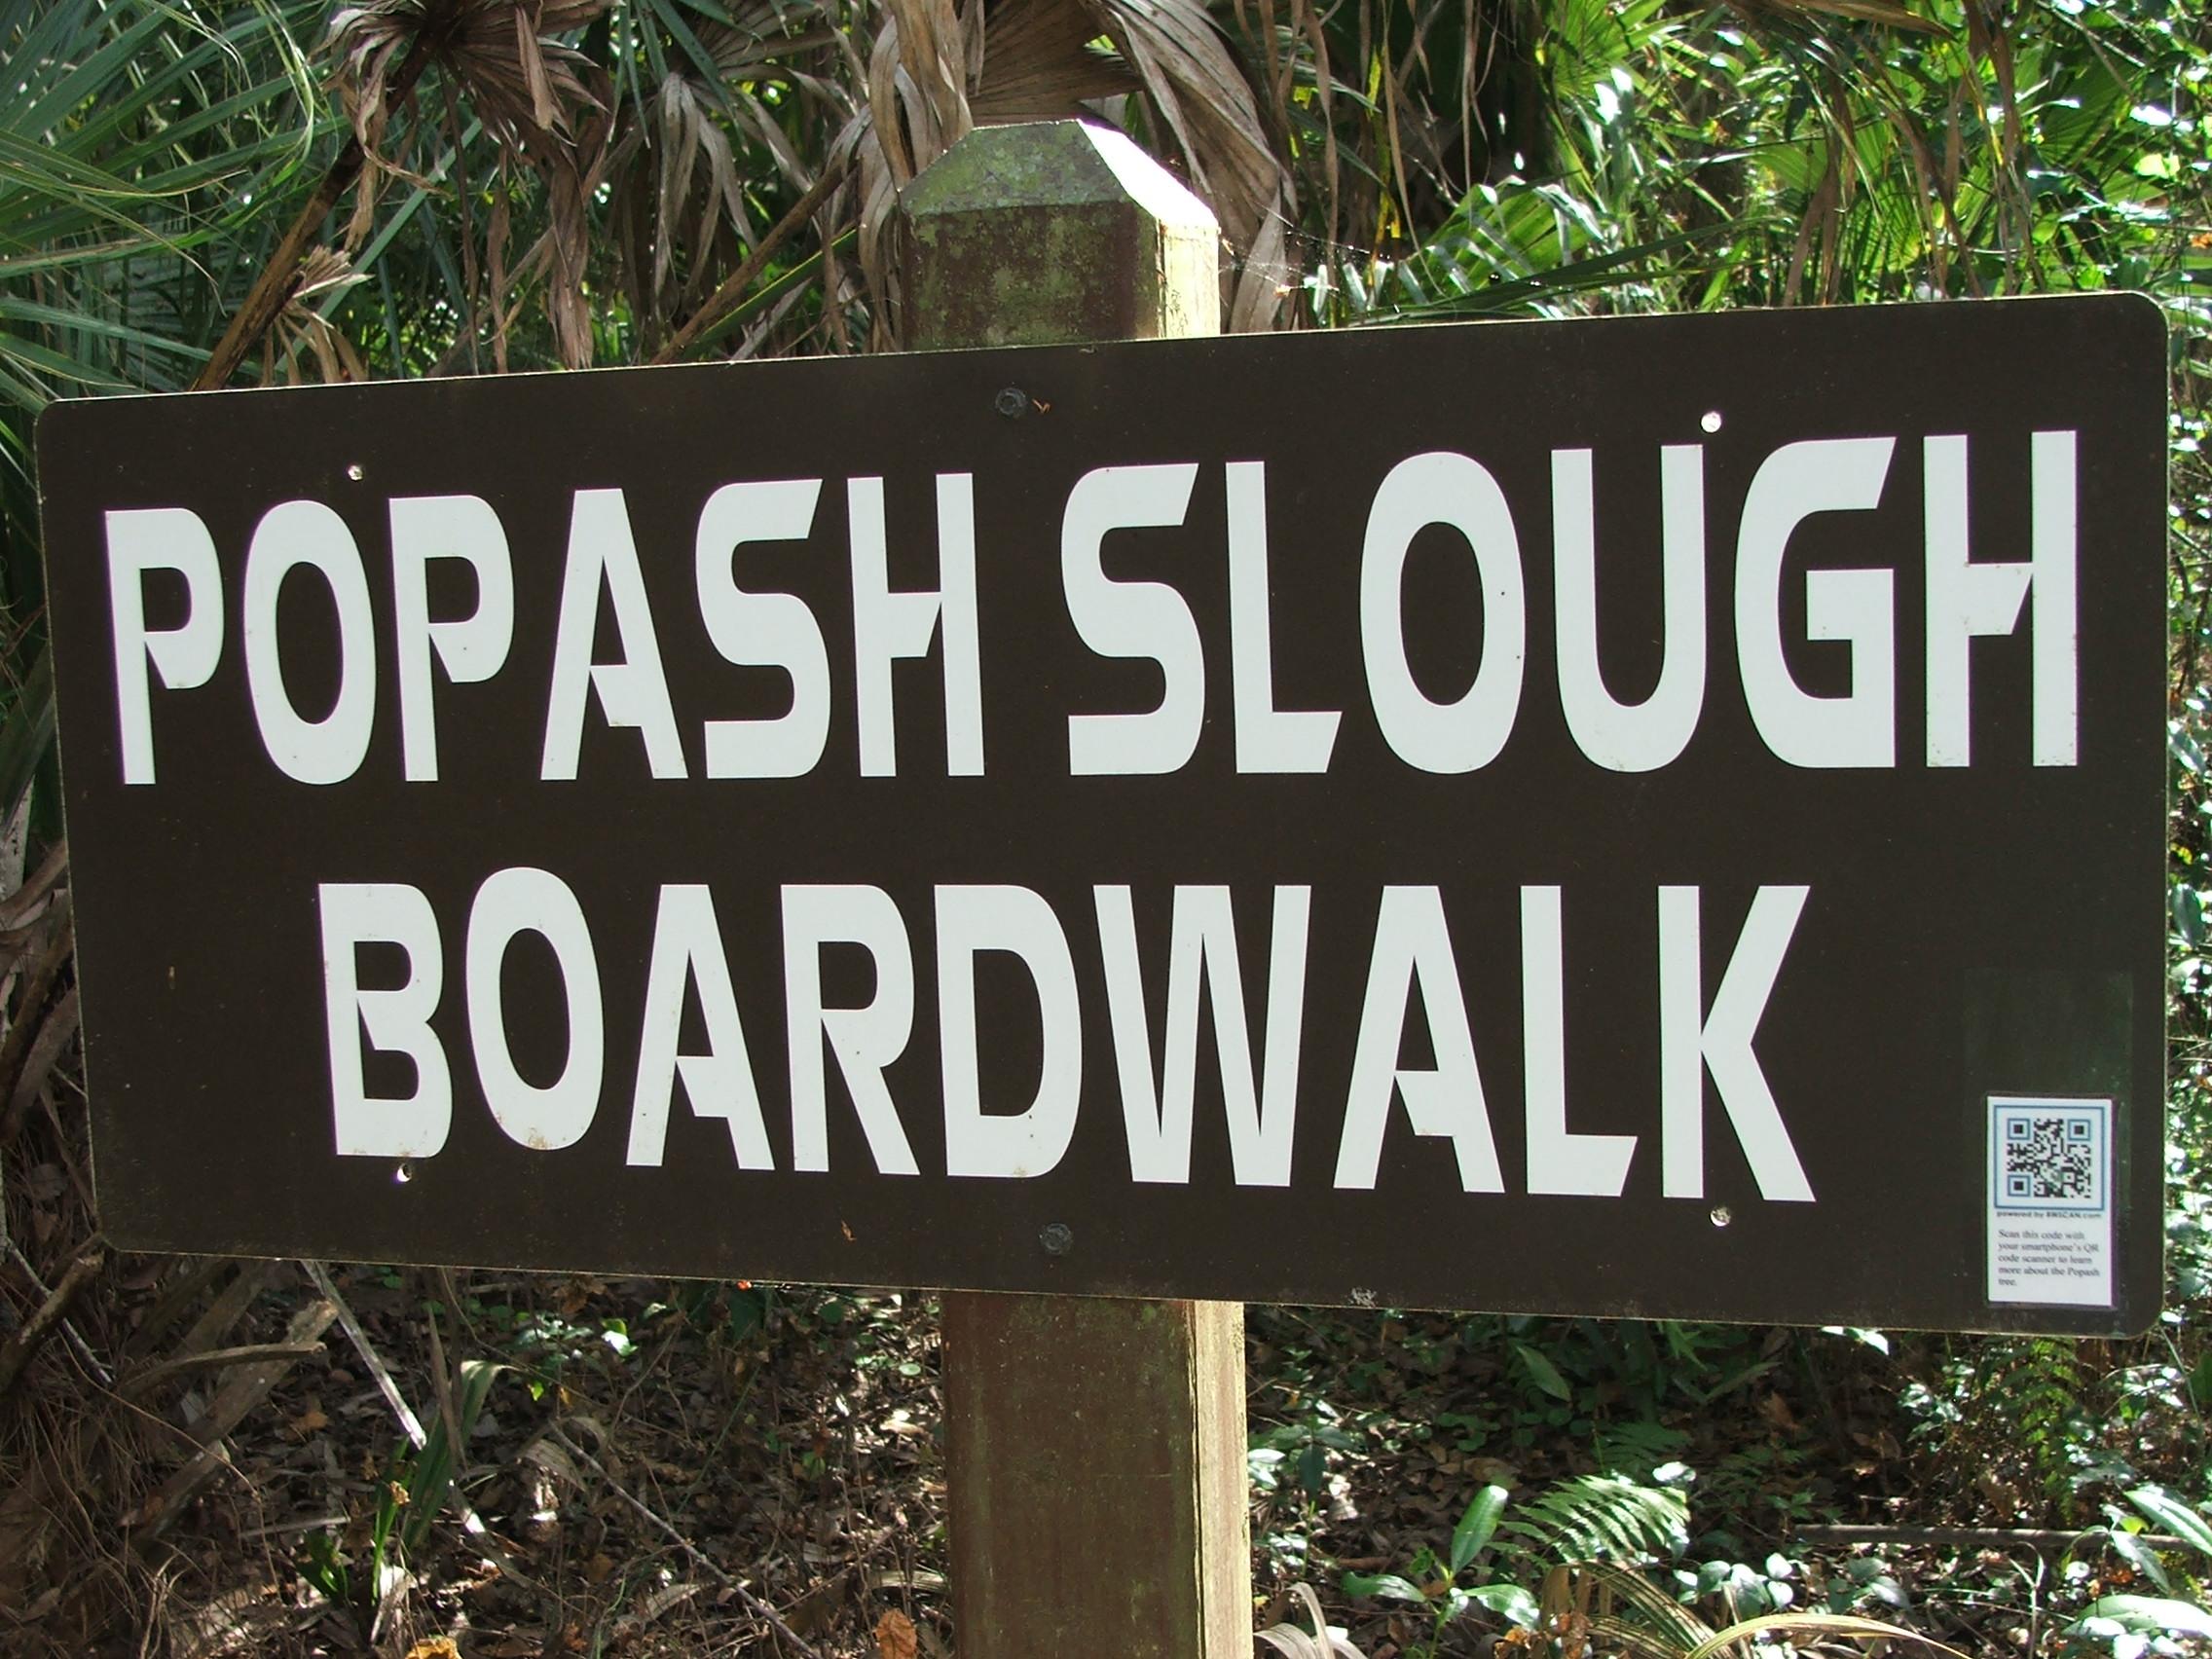 Popash Slough Boardwalk Sign